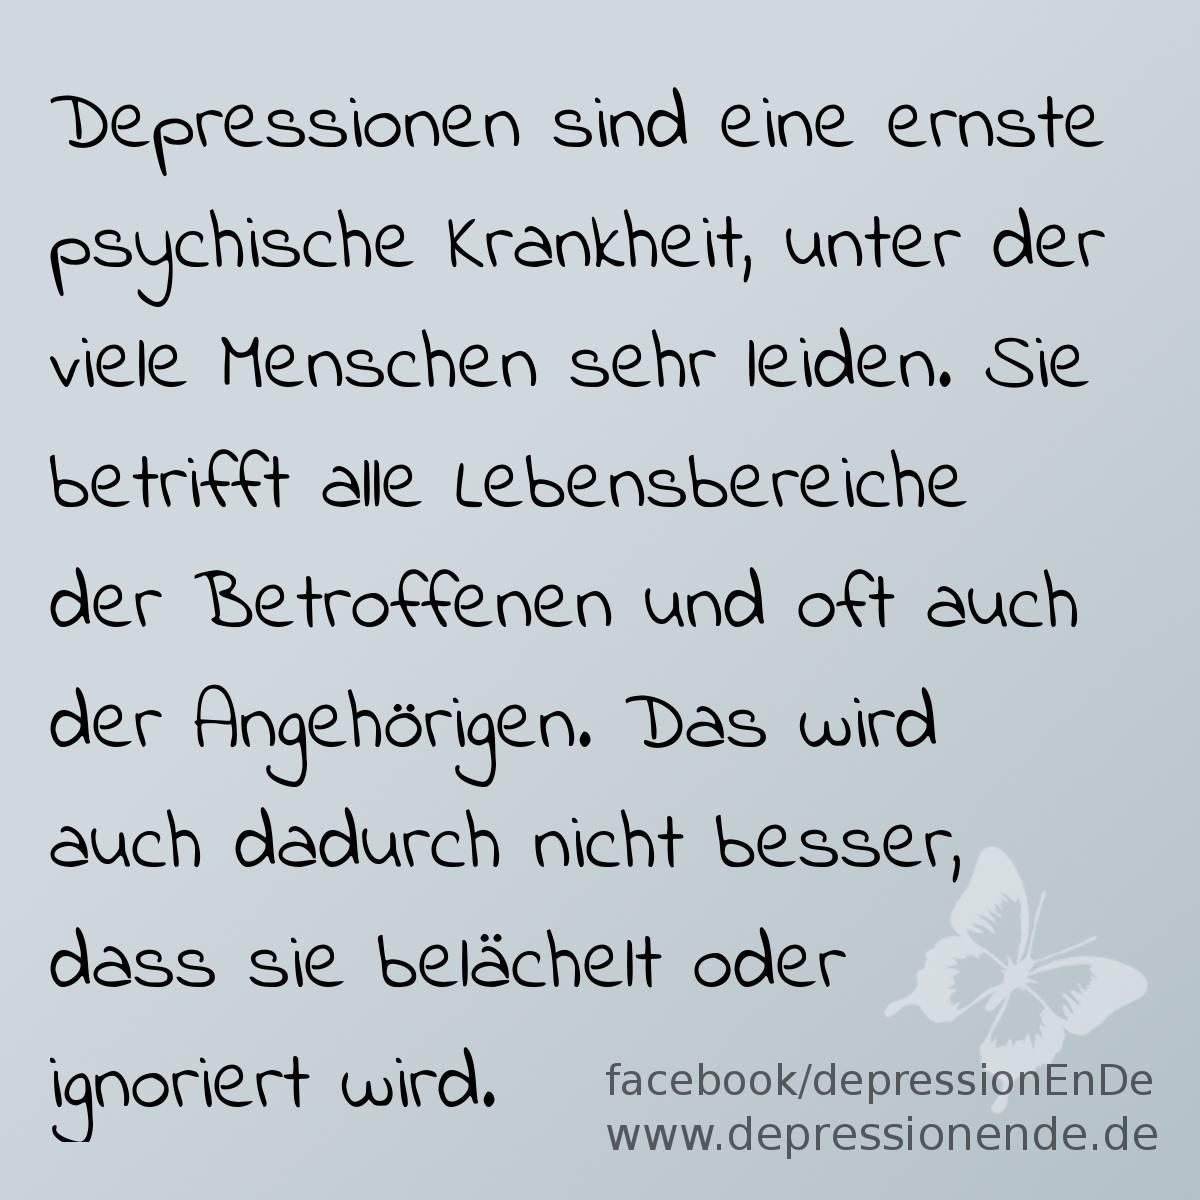 Spruchbild: Depressionen sind eine ernste psychische Krankheit, unter der viele Menschen sehr leiden. Sie betrifft alle Lebensbereiche der Betroffenen und oft auch der Angehörigen. Das wird auch dadurch nicht besser, dass sie belächelt oder ignoriert wird.